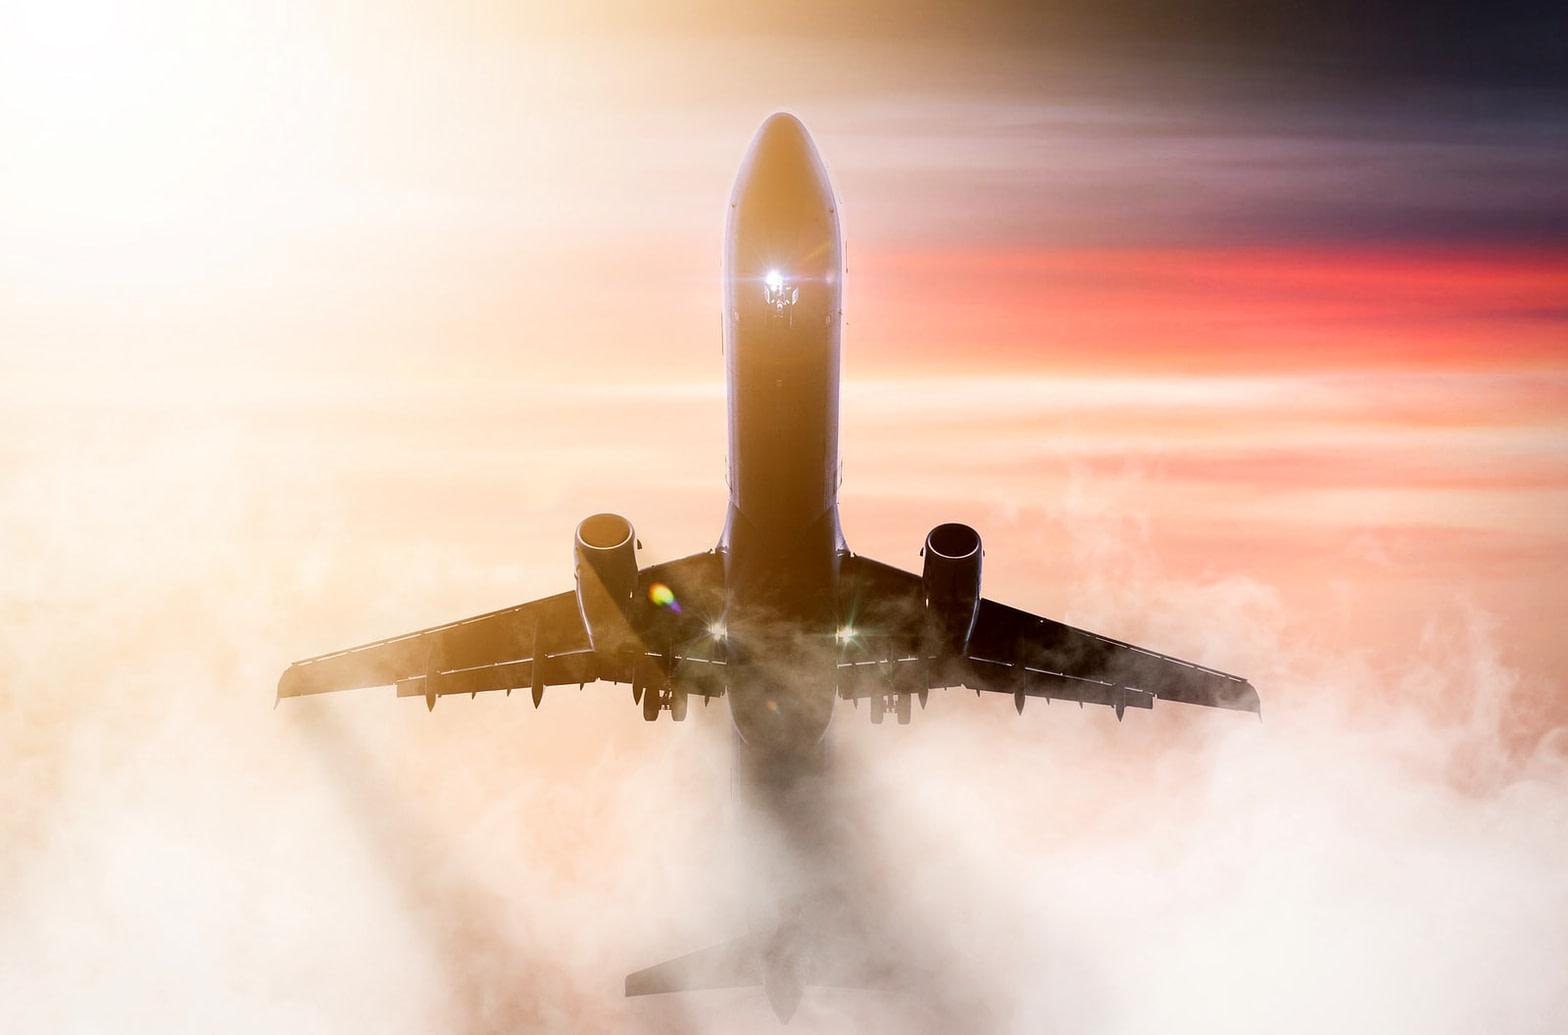 رحلات طيرن الدوحة الرياض DOH RUH